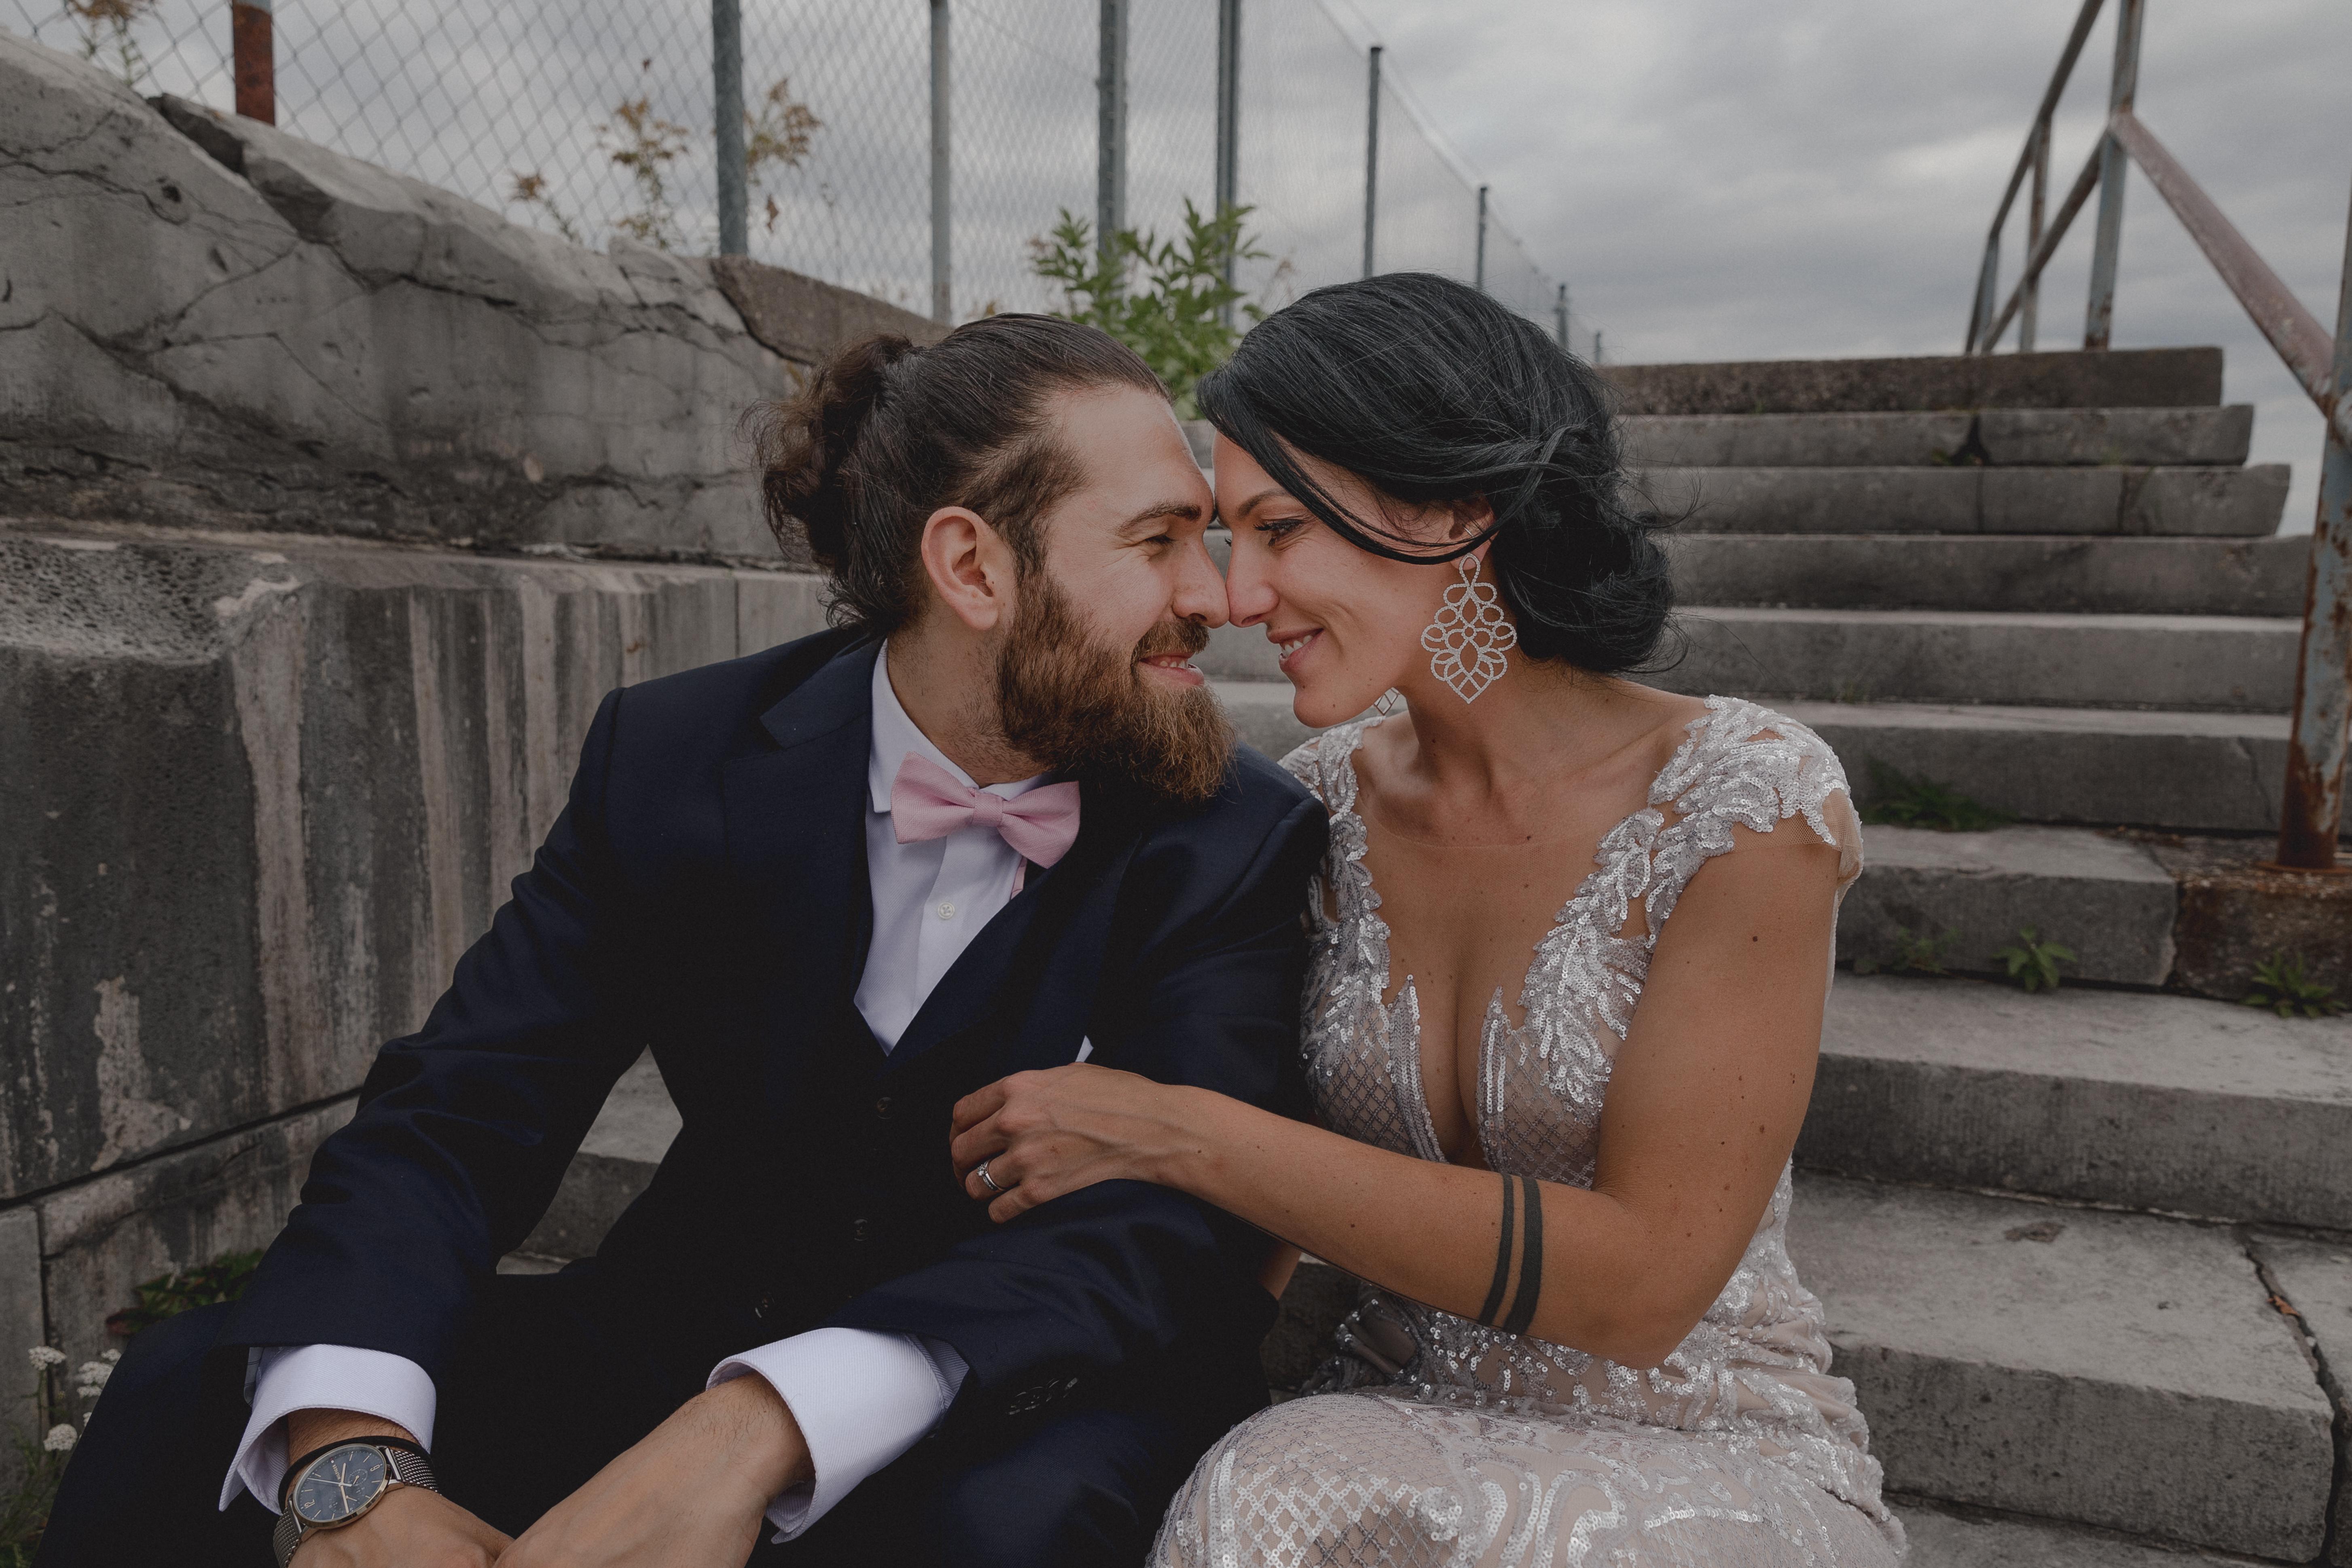 Hochzeitsfotograf-Nuernberg-Bootshaus-Nicole-und-Kadhir-001